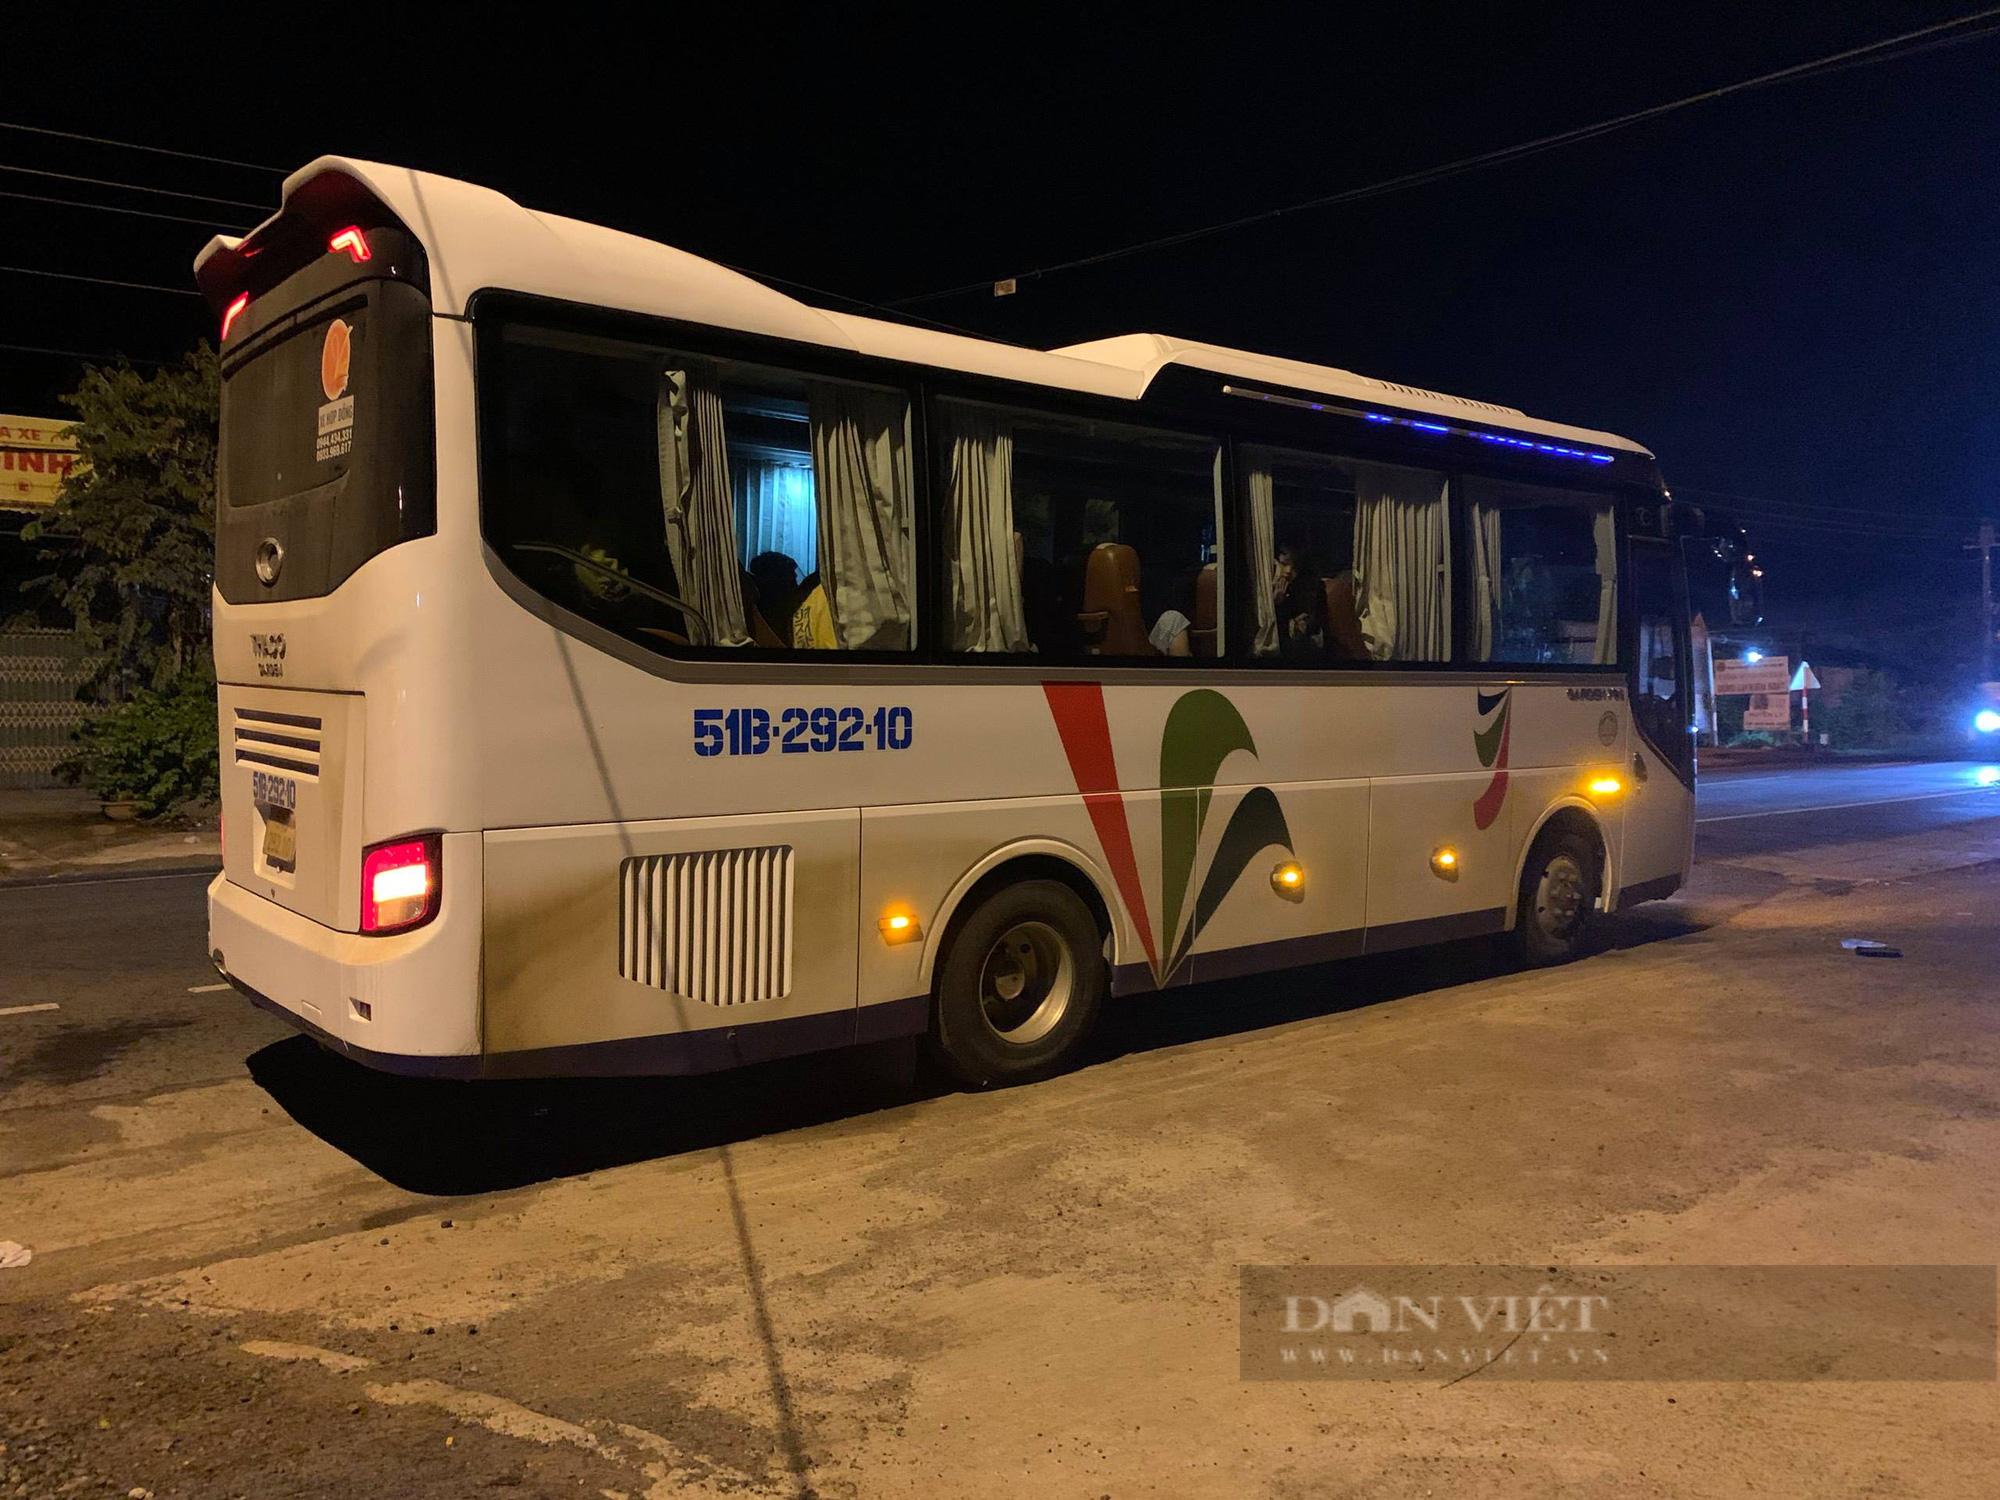 Xử phạt hơn 13 triệu đồng đối với tài xế và nhà xe đưa người từ vùng dịch về Đắk Lắk - Ảnh 2.